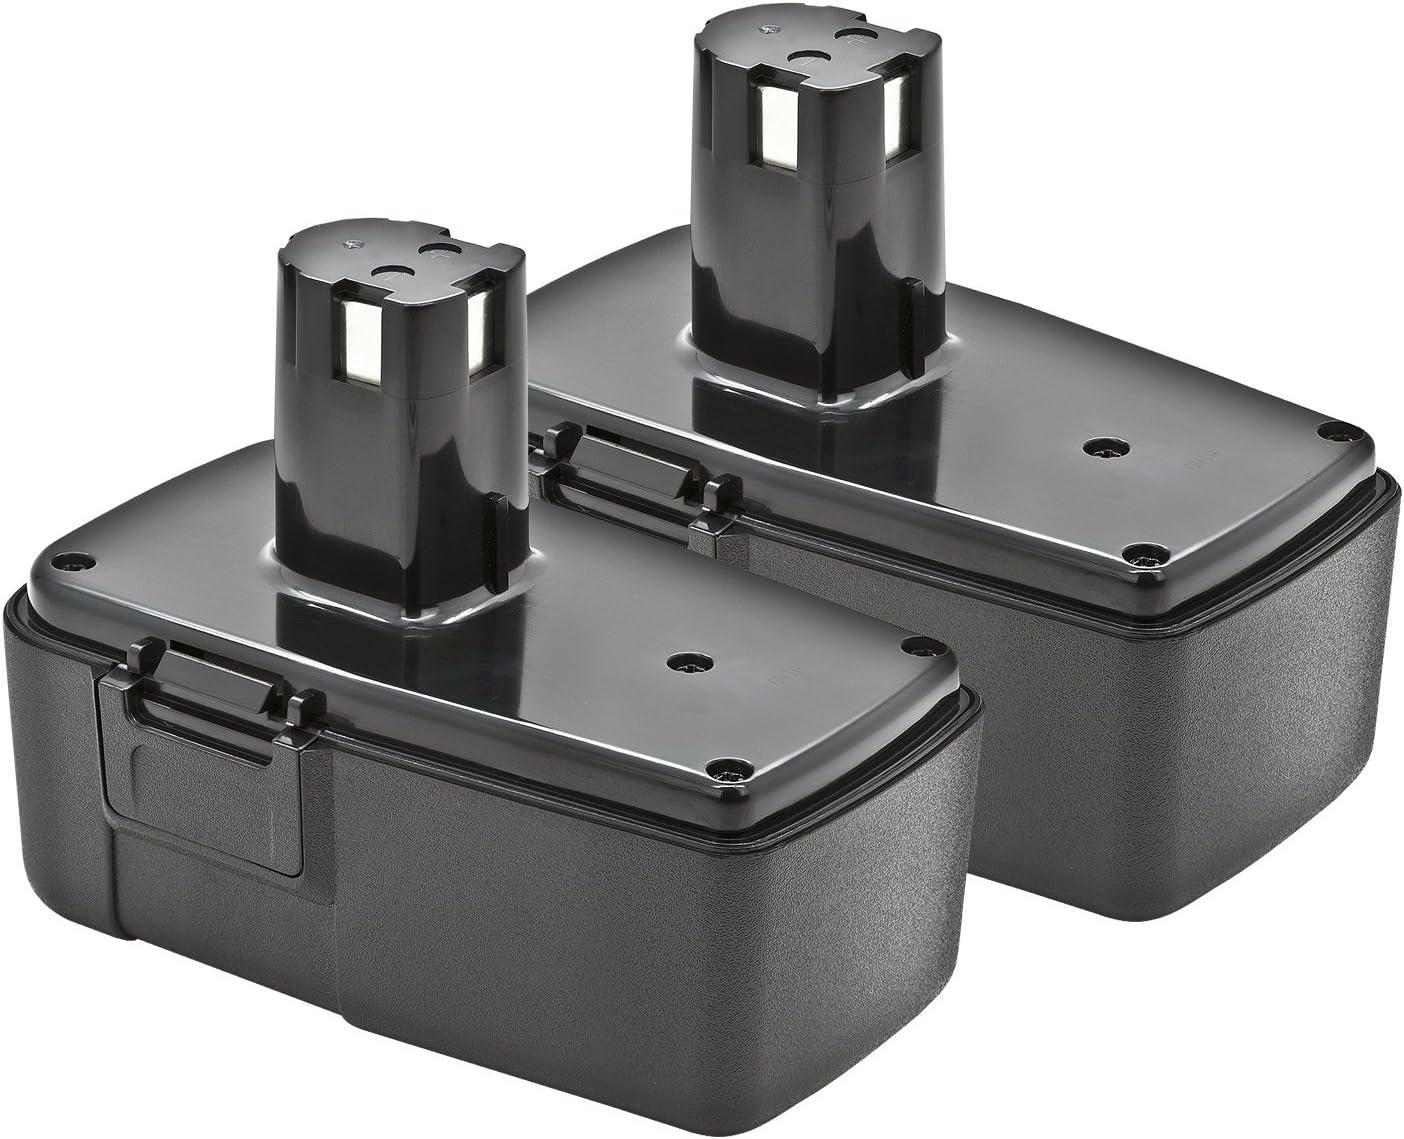 2 Pack ExpertPower 18v 2000mAh NiMh Battery for Craftsman 11098 11103 223310 9-11103 9111098 982027-001 982321-001 982321.001 11305 11306 11307 11312 11313 11318 27199